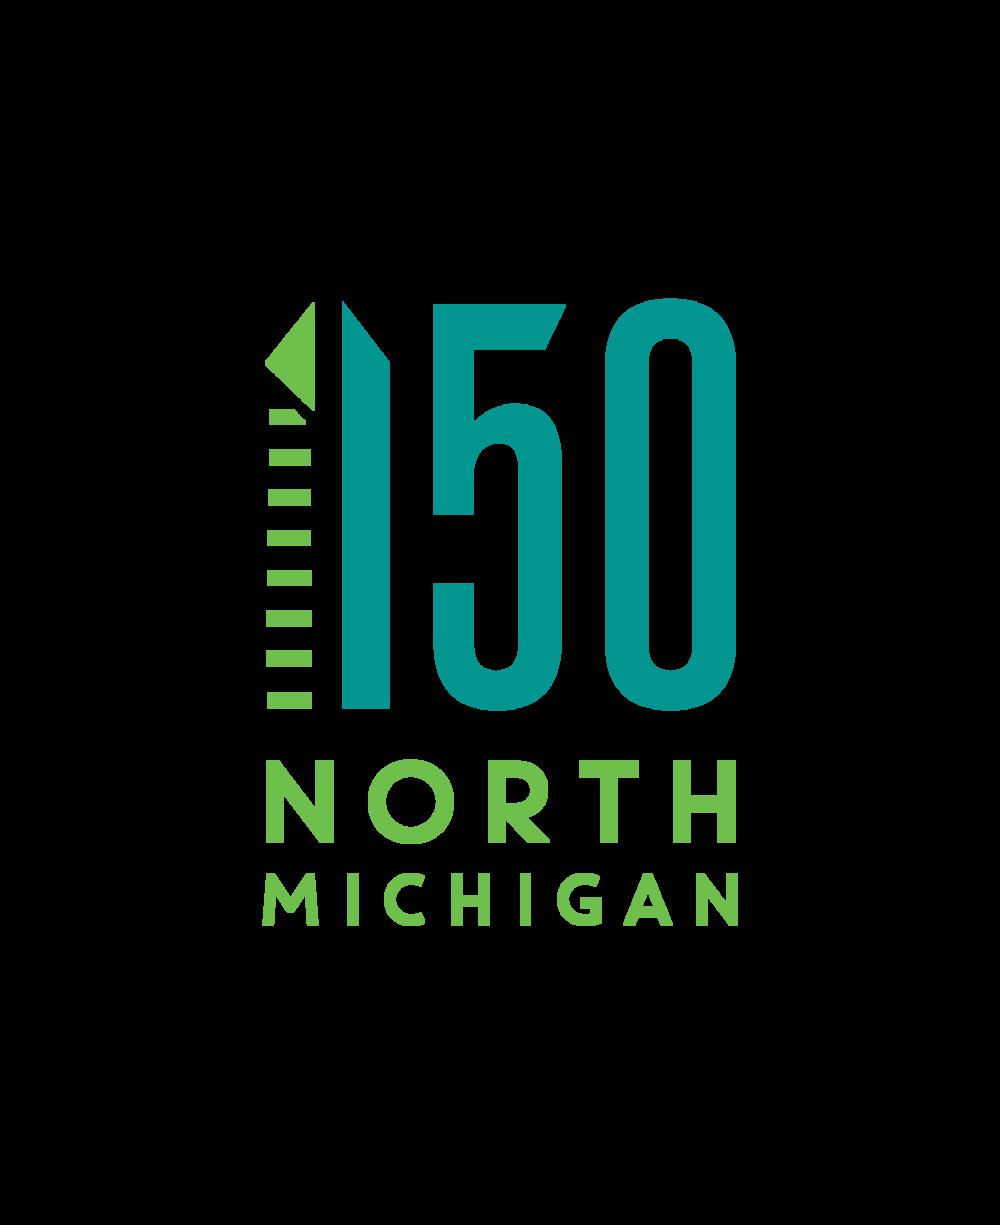 150NorthMichigan_Final_Logo_fullcolor.png